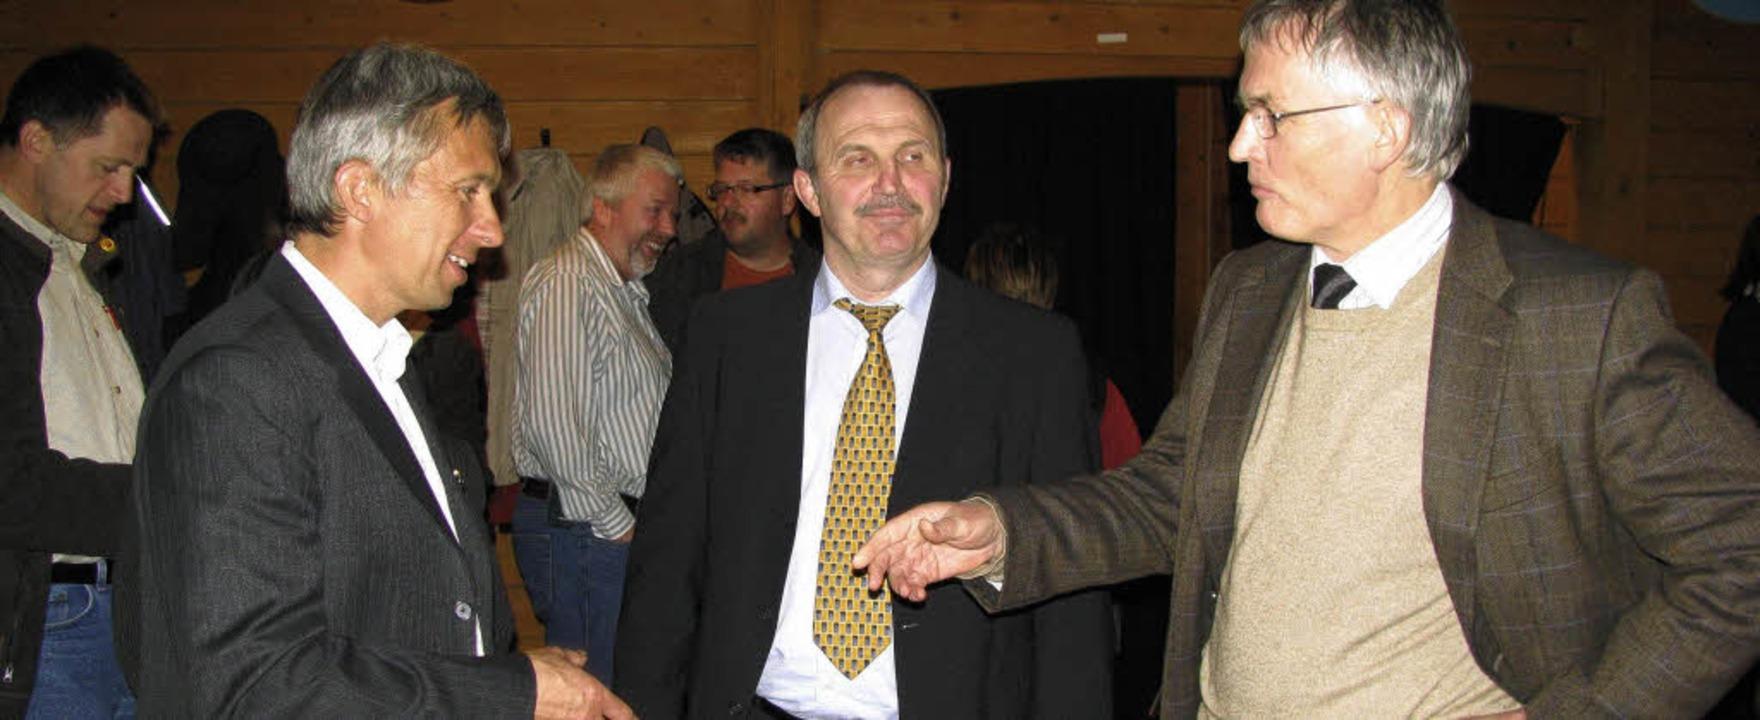 Das Hägelberger Nahwärmeprojekt kommt ...r Waldschänke  ihre Unterstützung zu.   | Foto: Dietrich